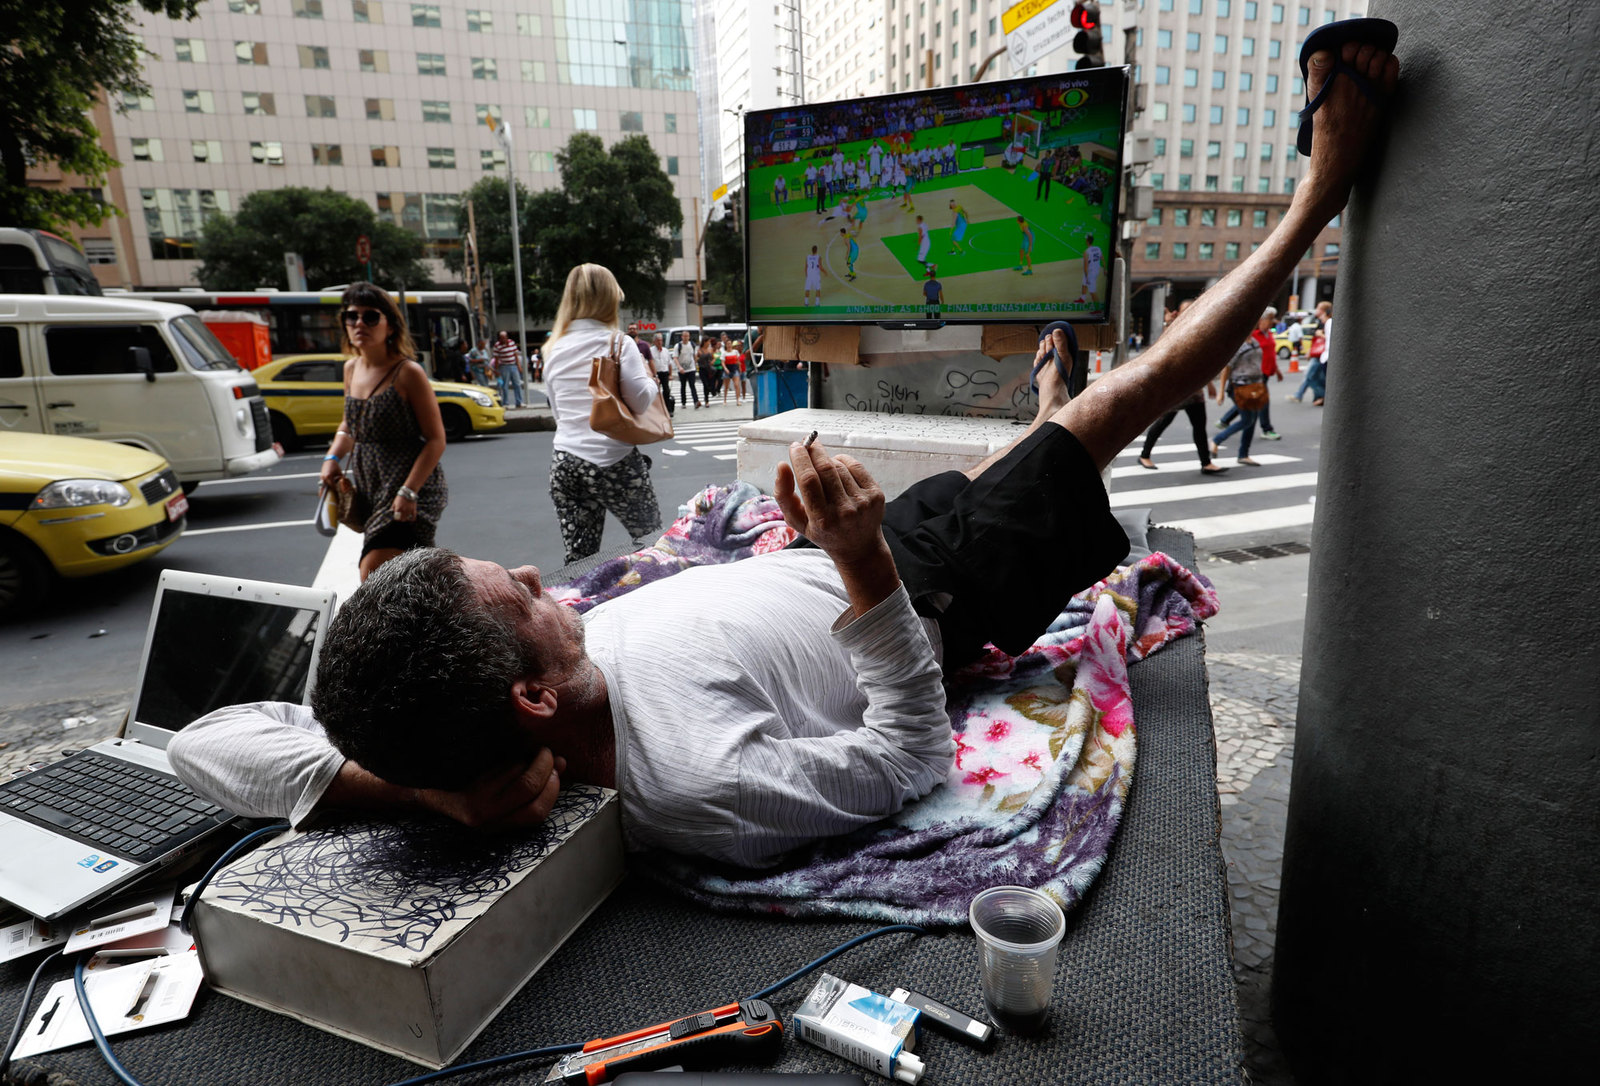 Испровизированная фан-зона в Рио